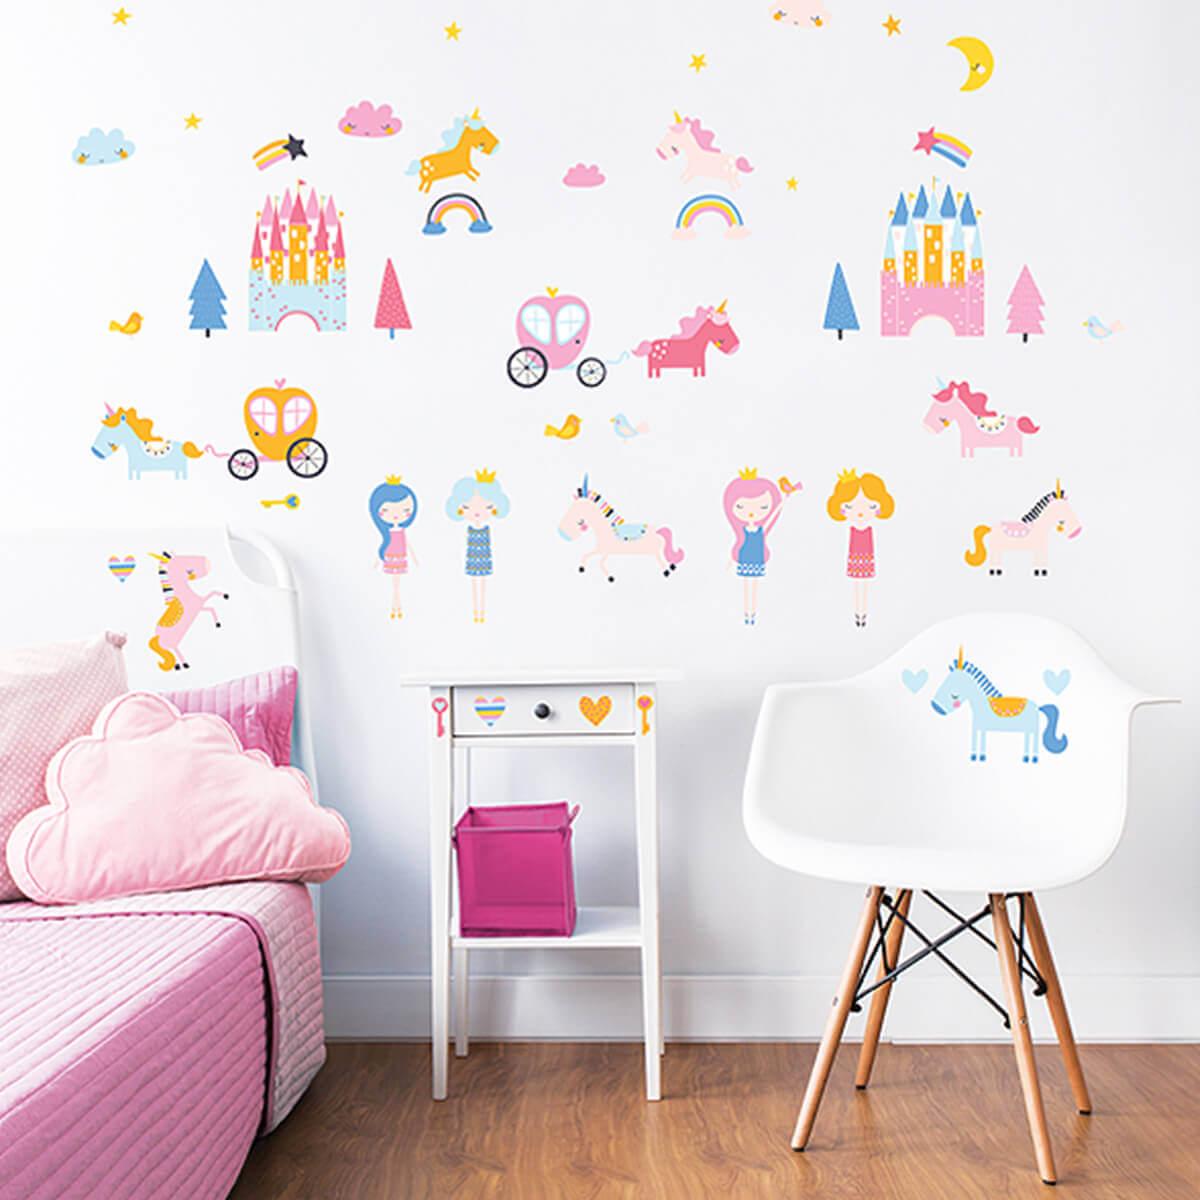 Walltastic Unicorn Kingdom Room Stickers Unicorn Wall